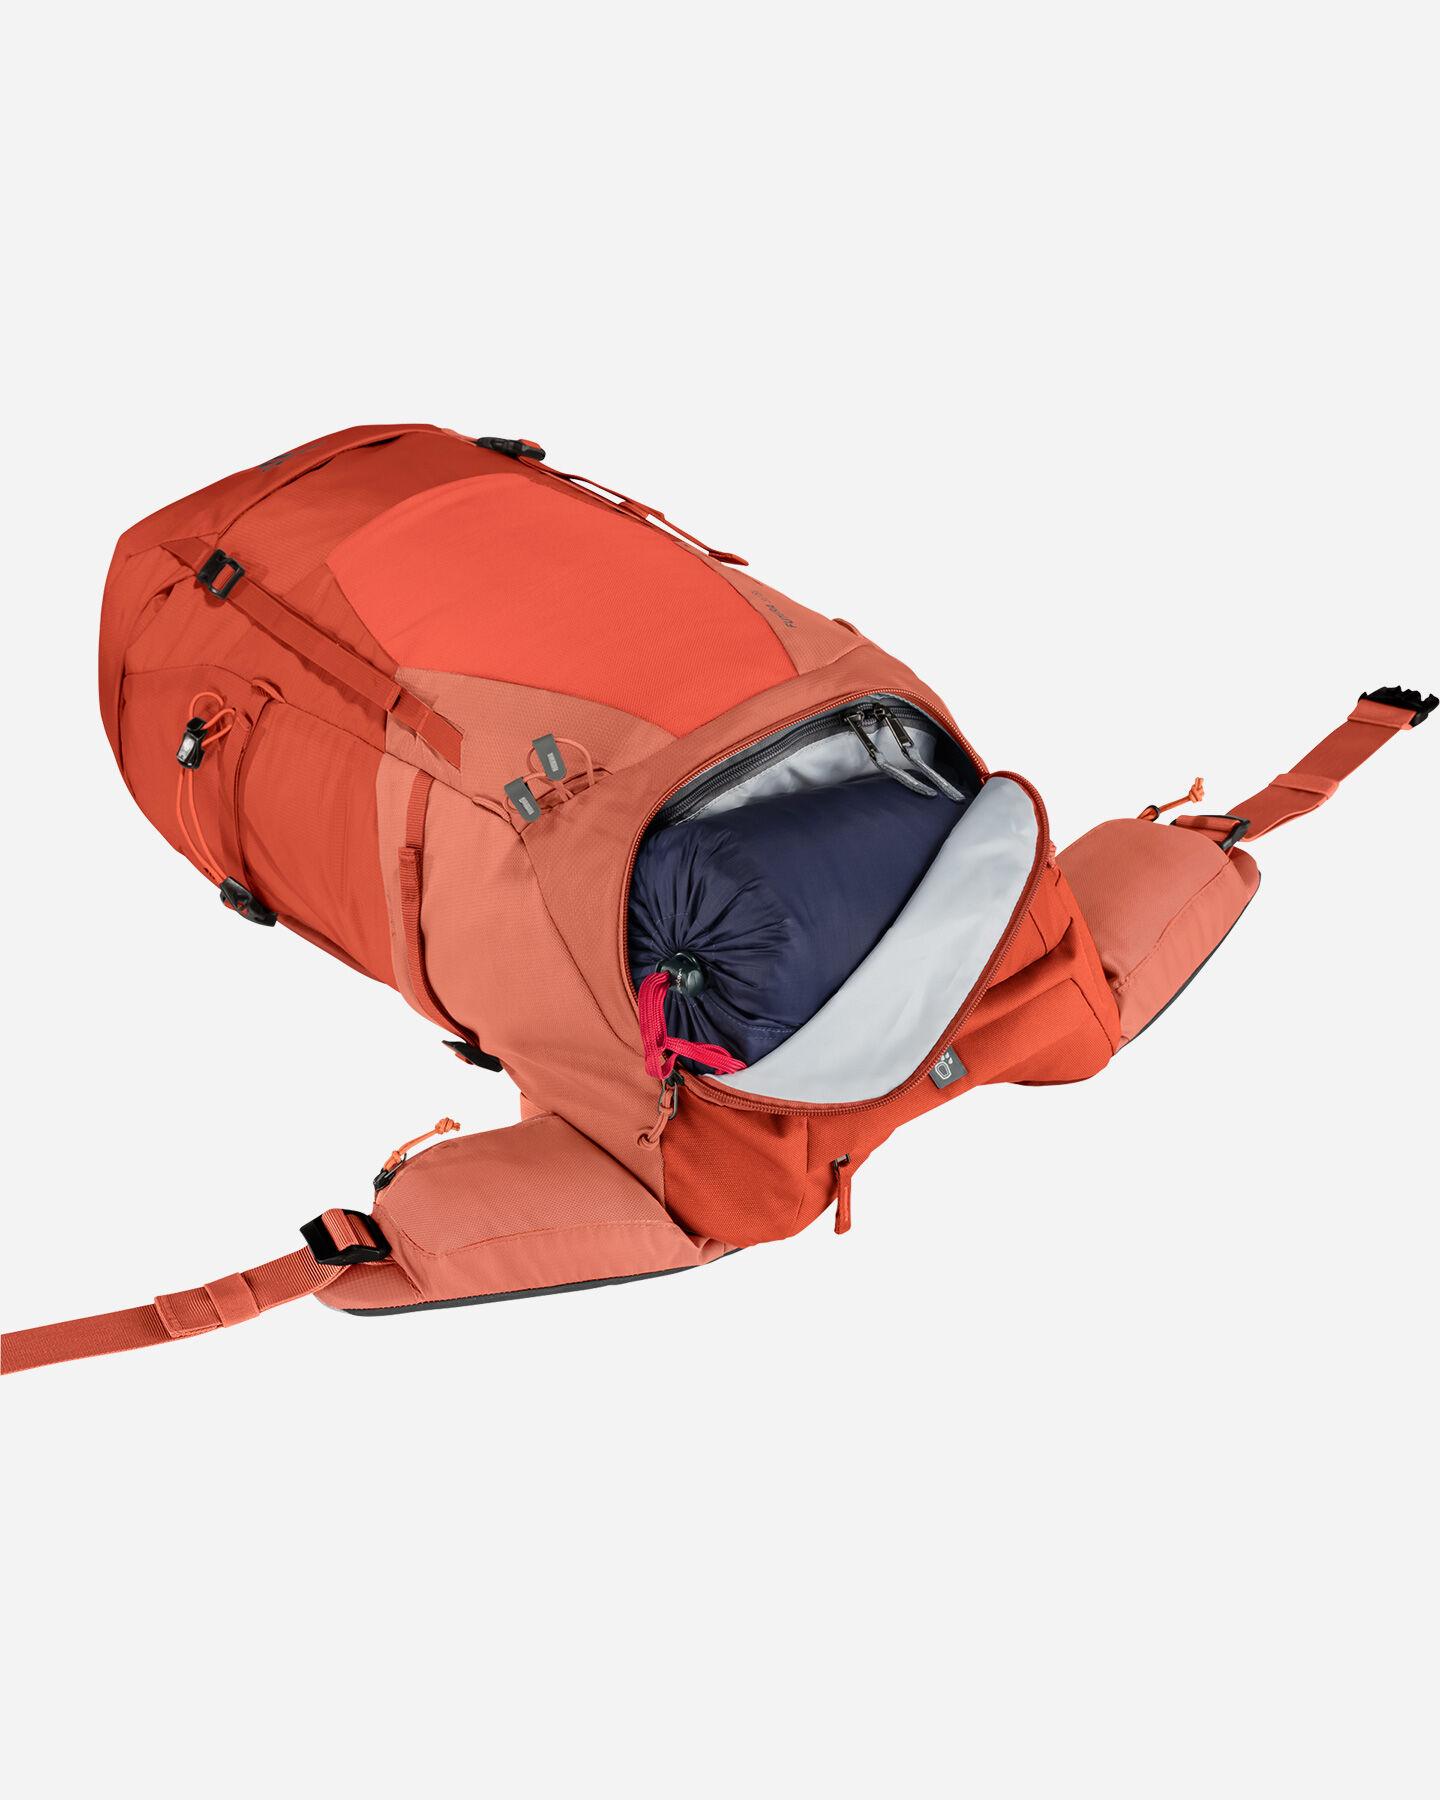 Zaino escursionismo DEUTER FUTURA 30 SL RC S4090219 5572 UNI scatto 4